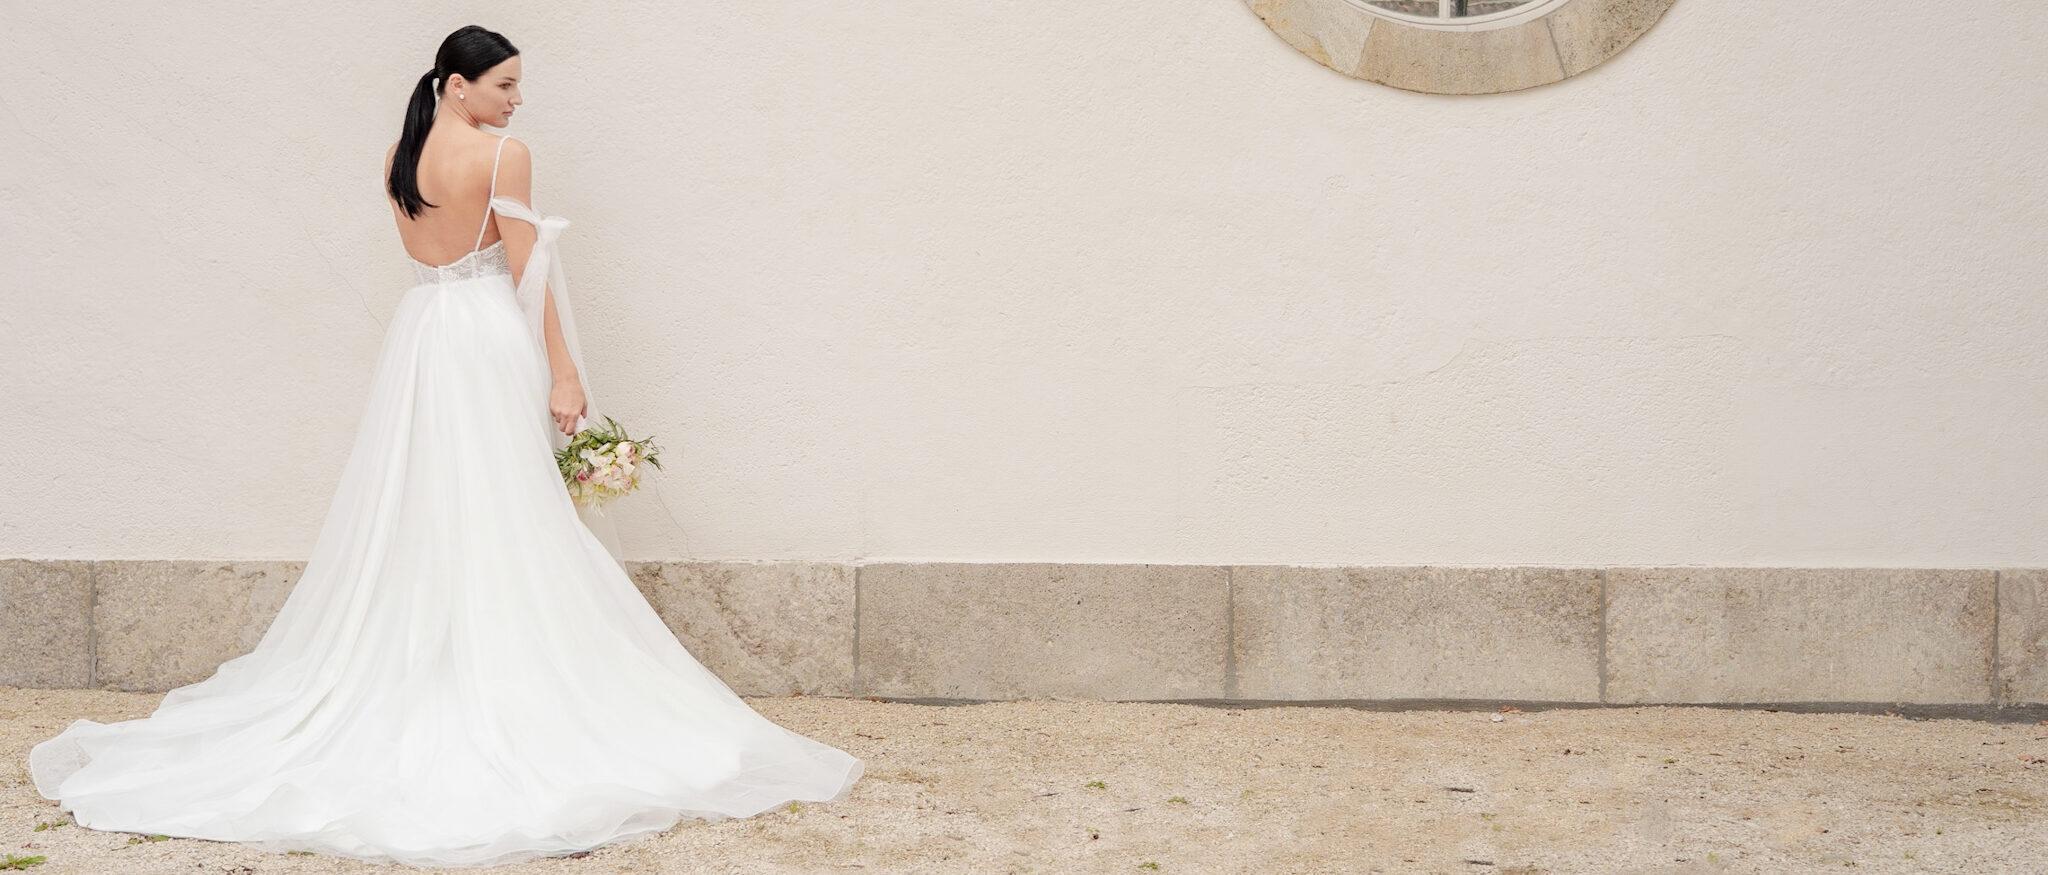 Wir finden dein Traum Brautkleid. Besonderen Brautkleider in Hessen